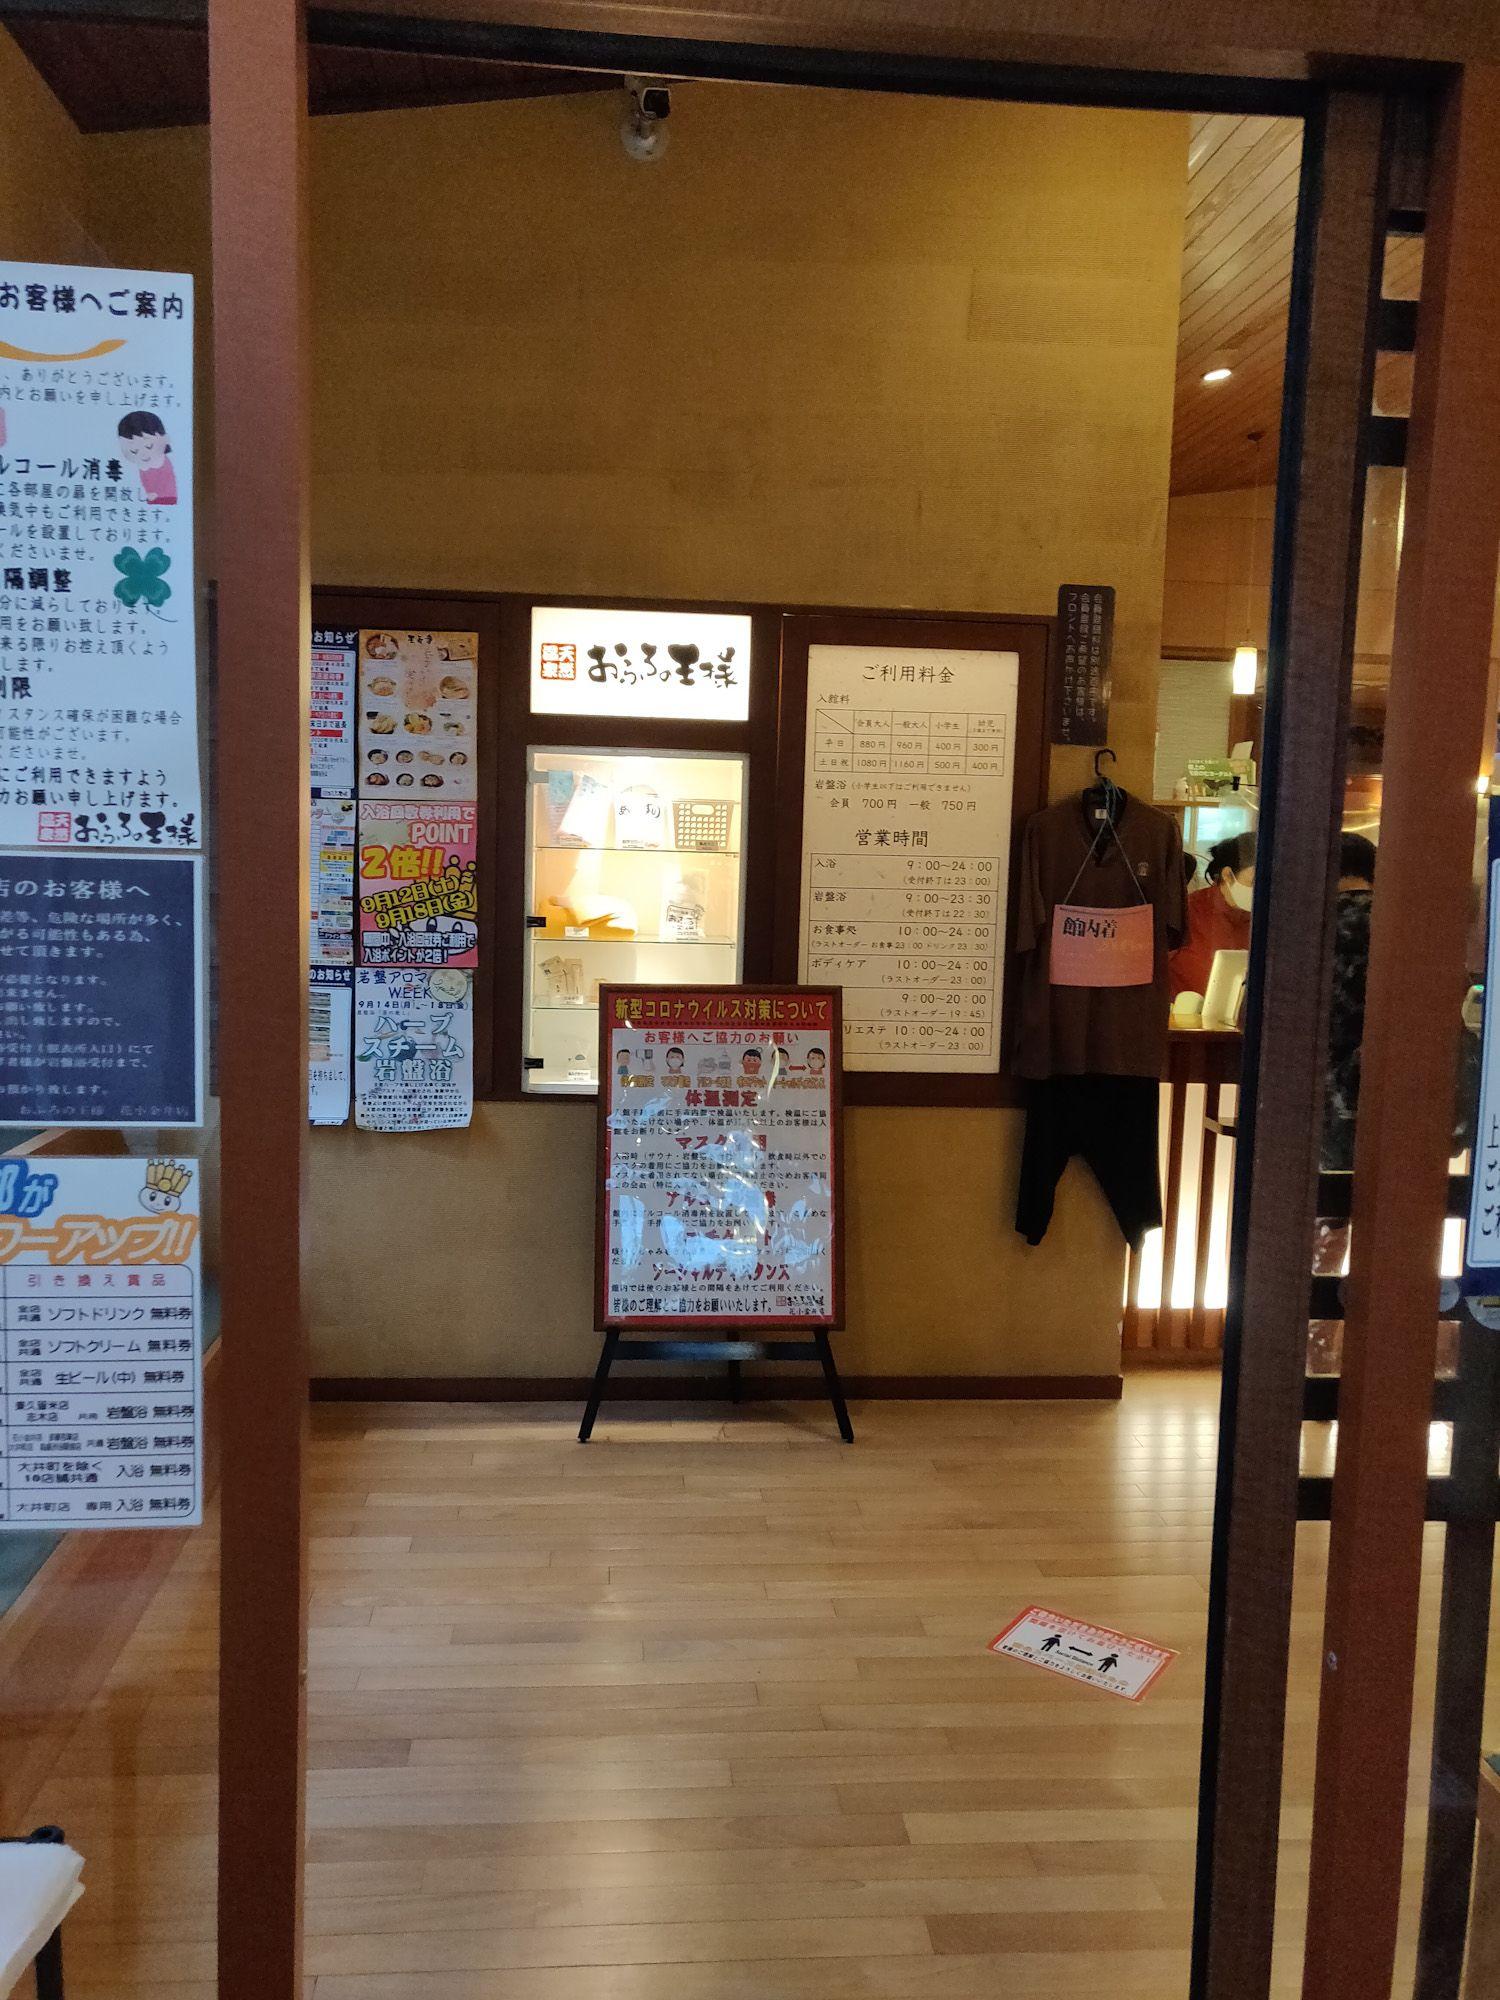 おふろの王様 花小金井店 入口